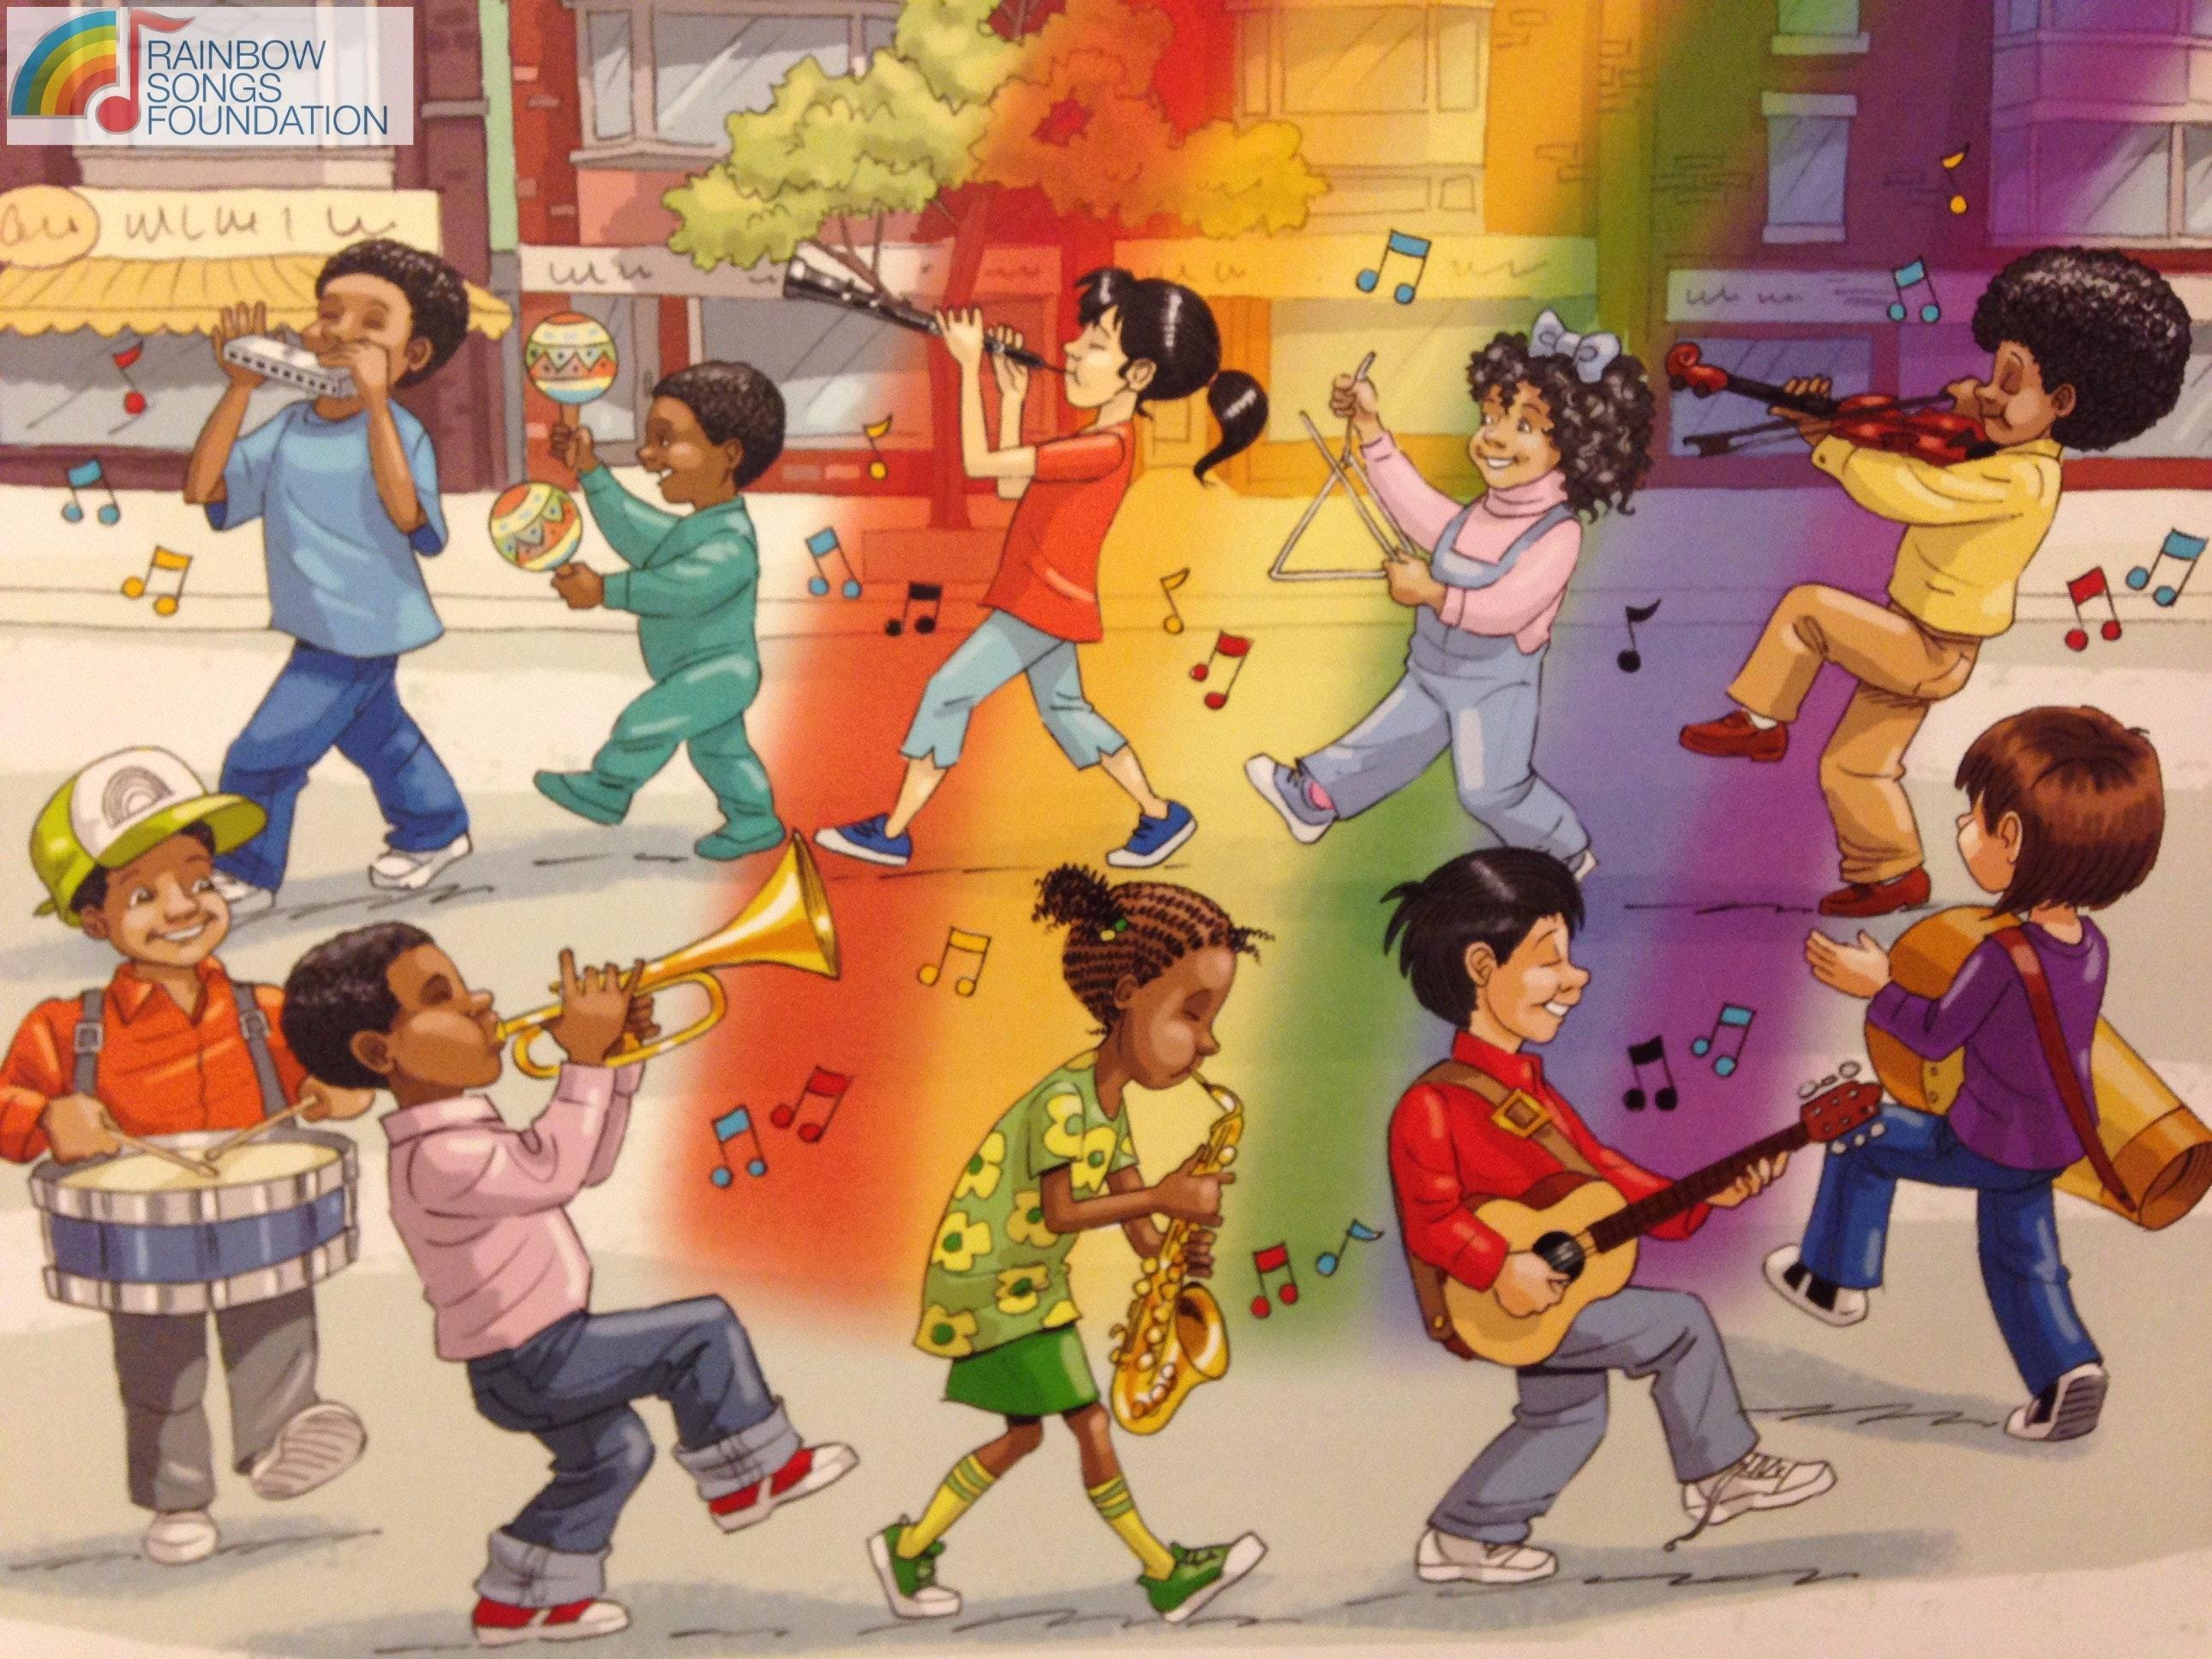 Rainbow Songs Foundation